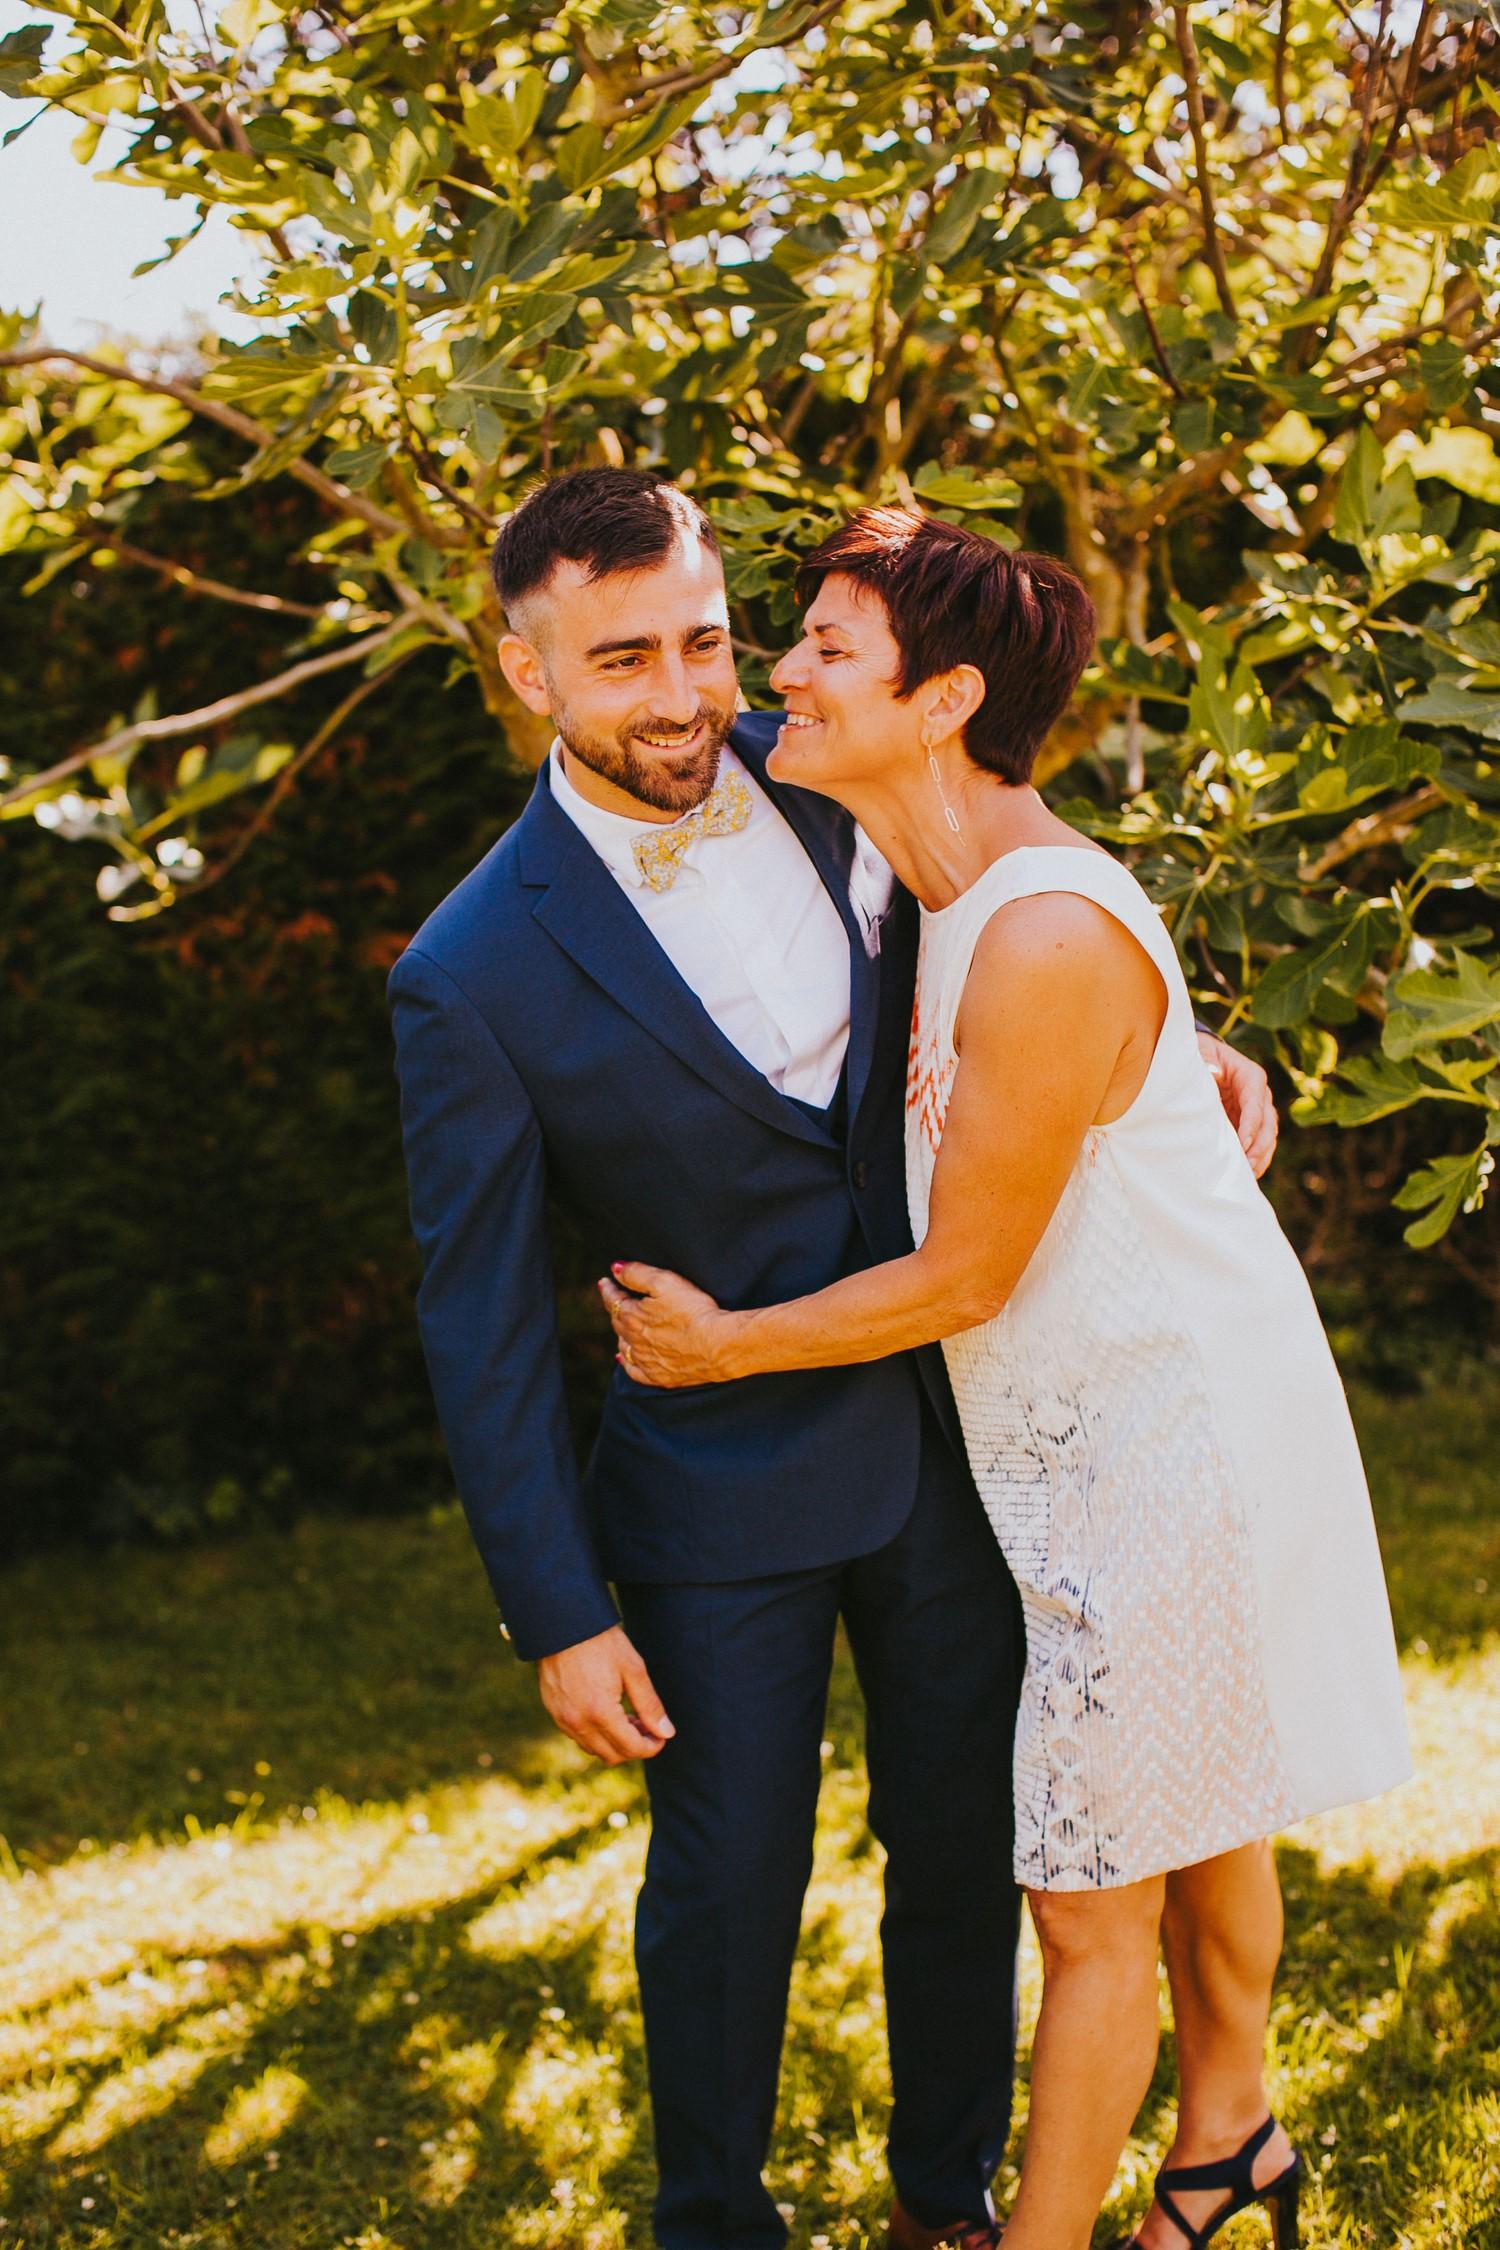 photographe mariage domaine de la chanterelle 9